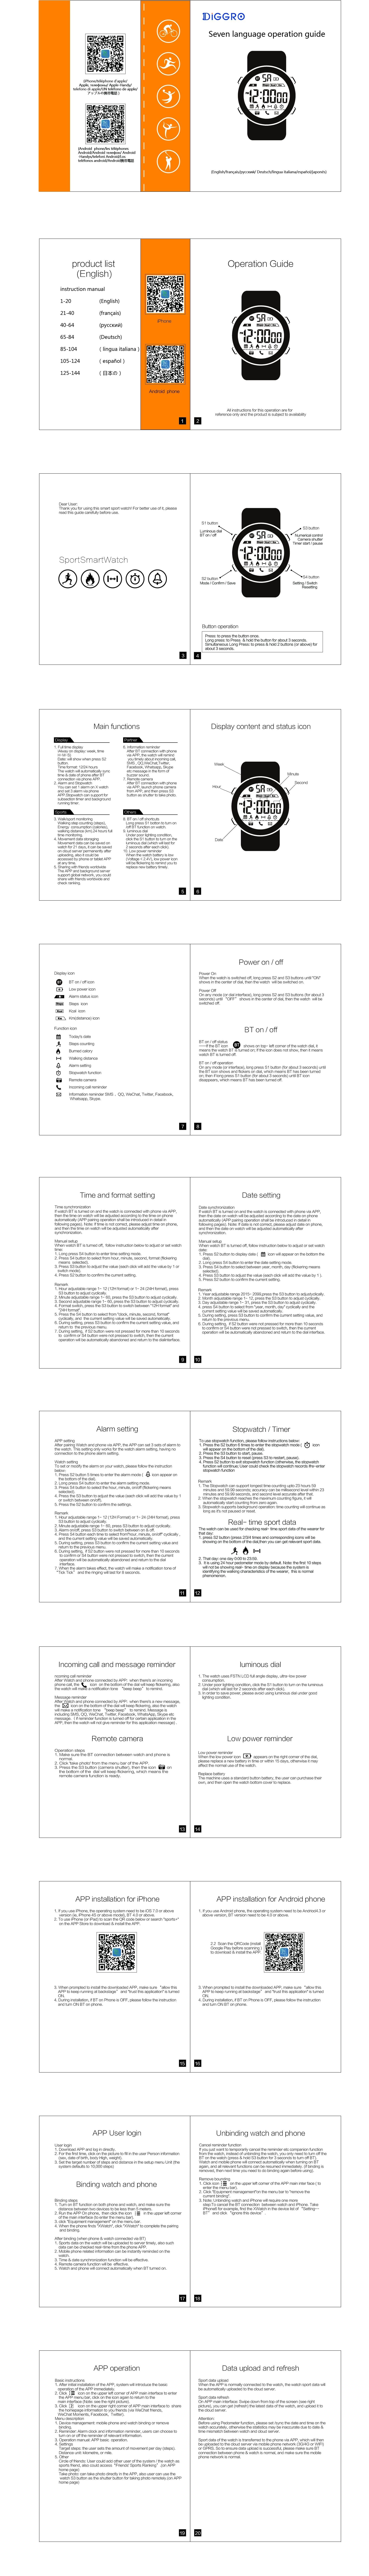 Tolle Schaltplanschaltung Bilder - Schaltplan Serie Circuit ...